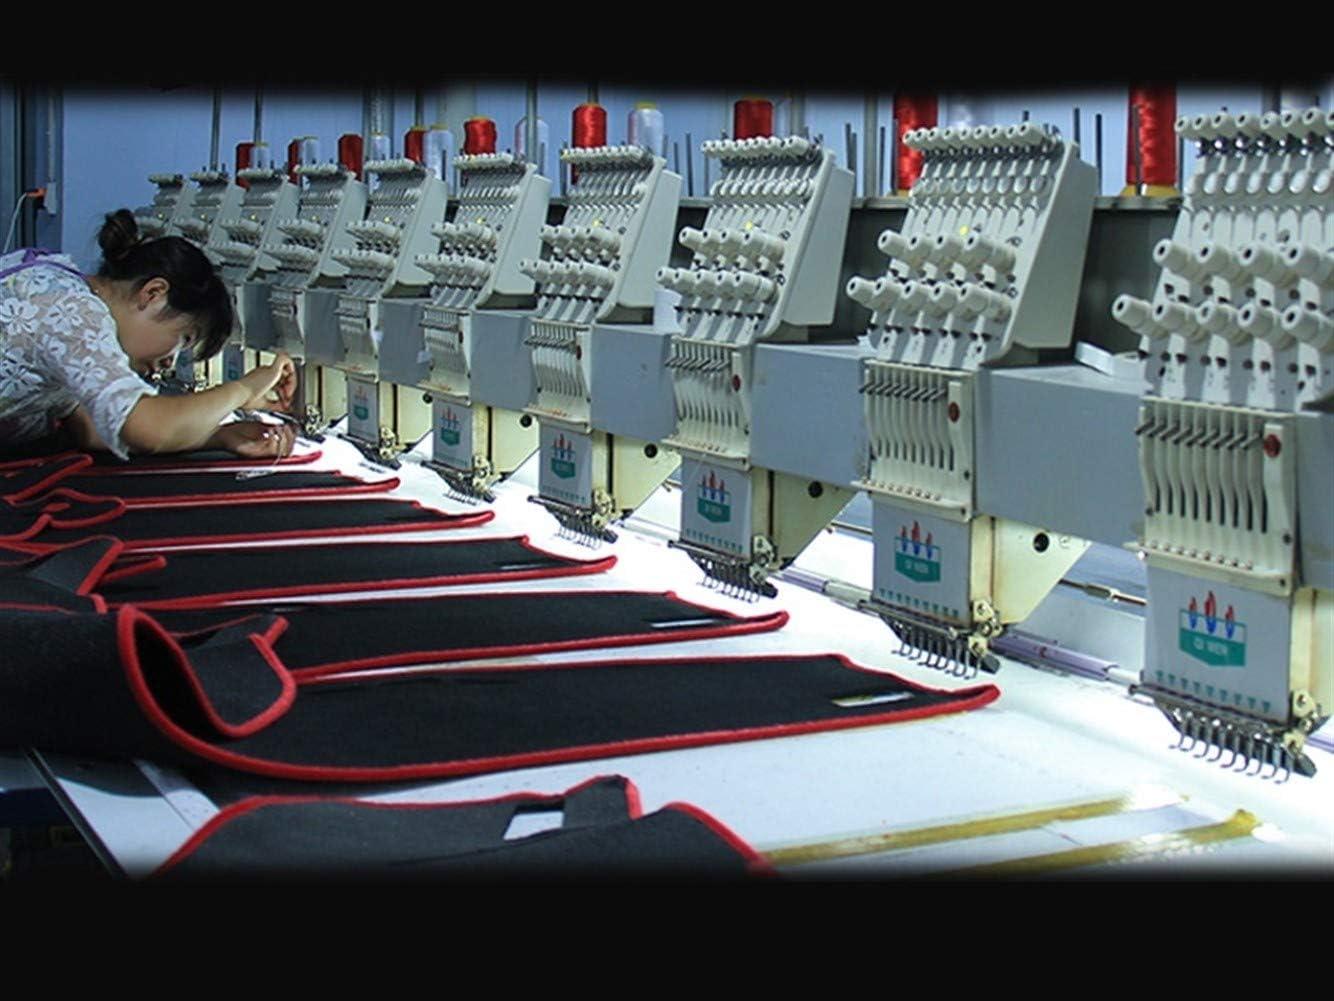 XIANGSHAN Tableau de Bord de Voiture Housses Tapis for Citroen C5 2007-2015 /à la Main Gauche dentra/înement Dashmat Pad Covers Dash Instrument Accessoires Plate-Forme Color : Black